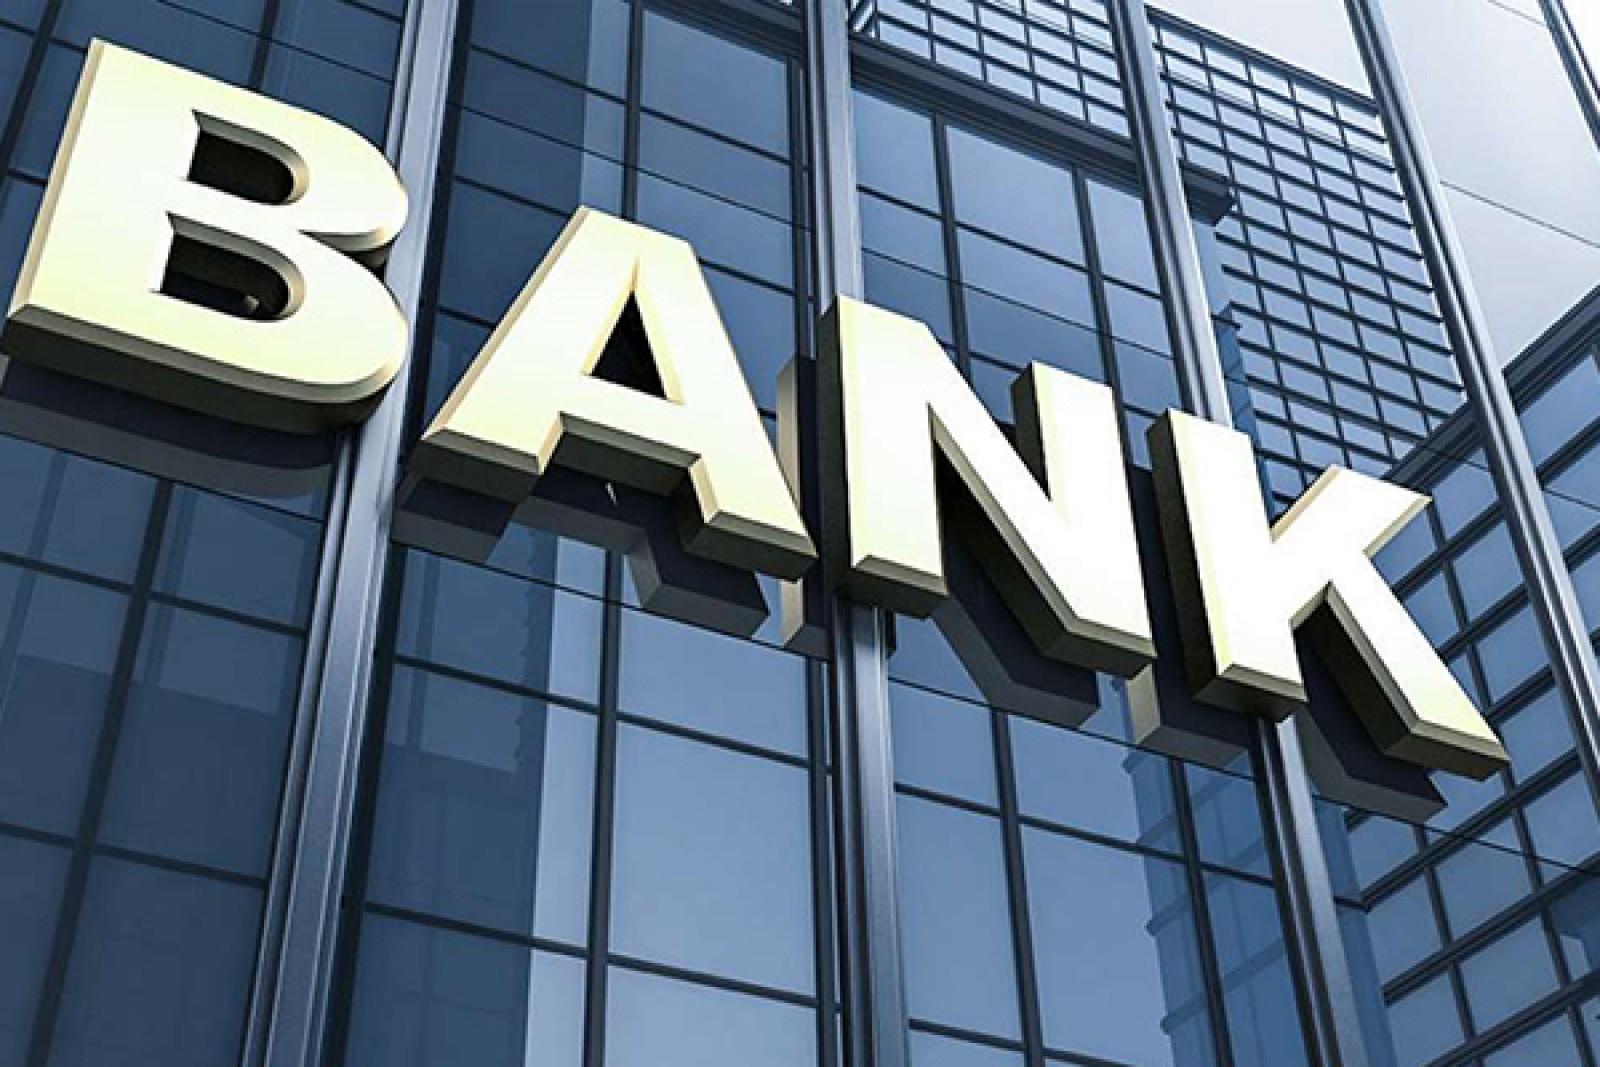 Mold-street: Clasamentul performanței bancare la mijlocul anului